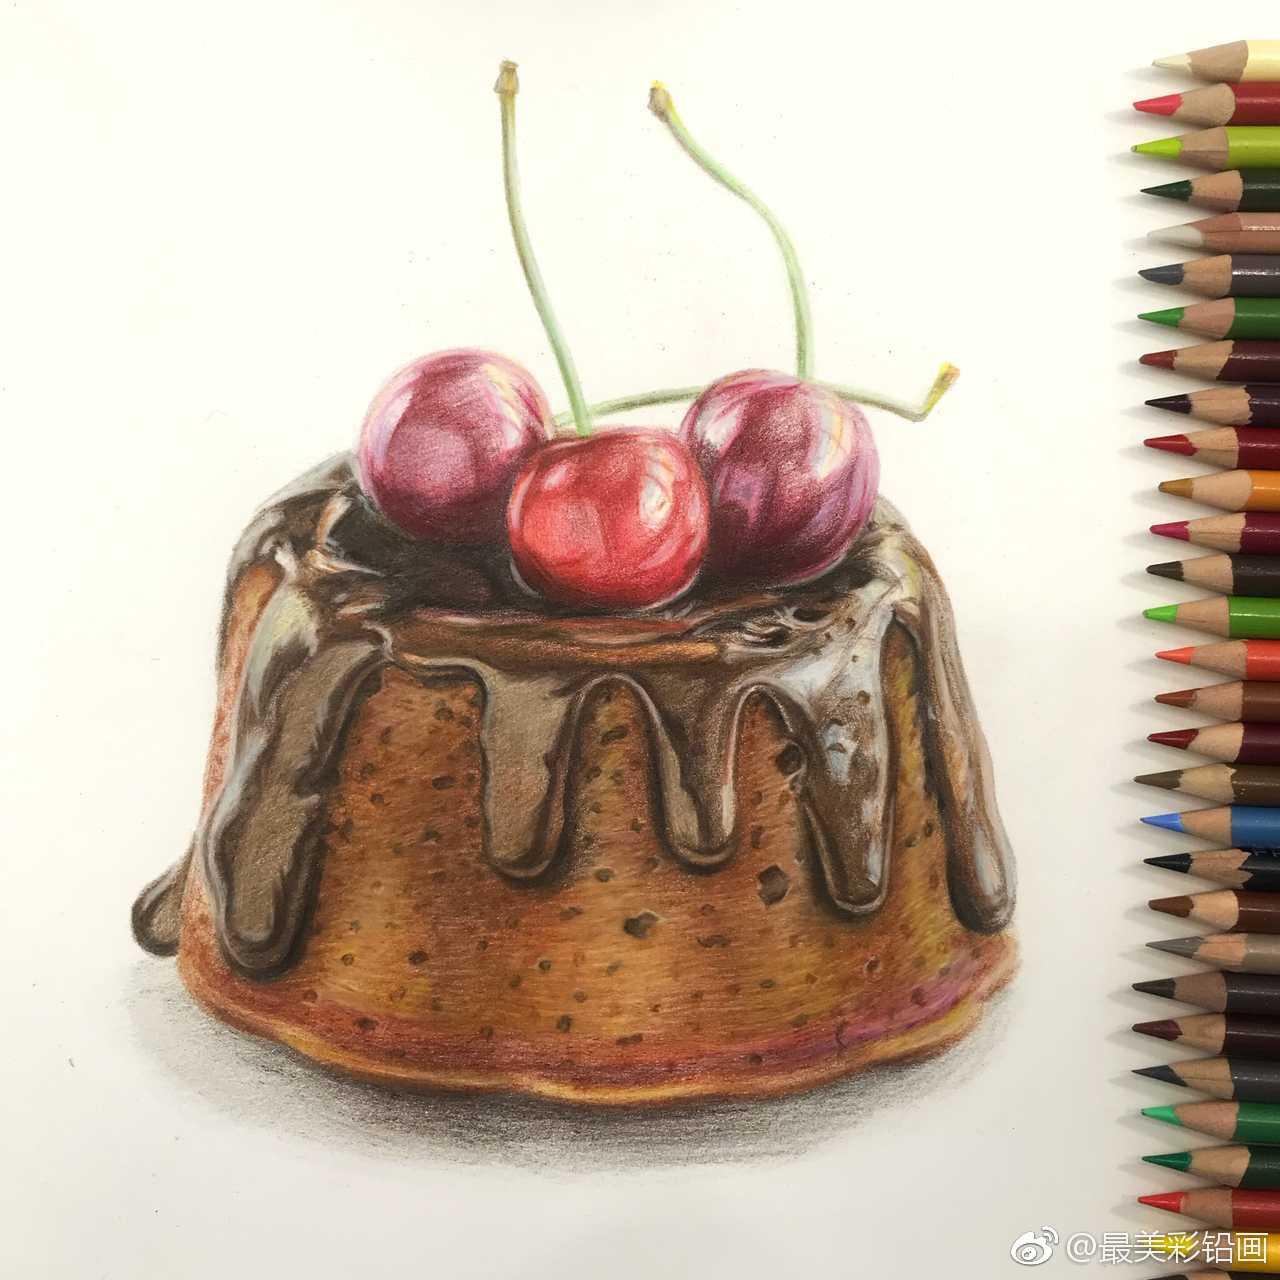 彩铅画手绘作品 《小蛋糕》 作者@薛亮亮holiday